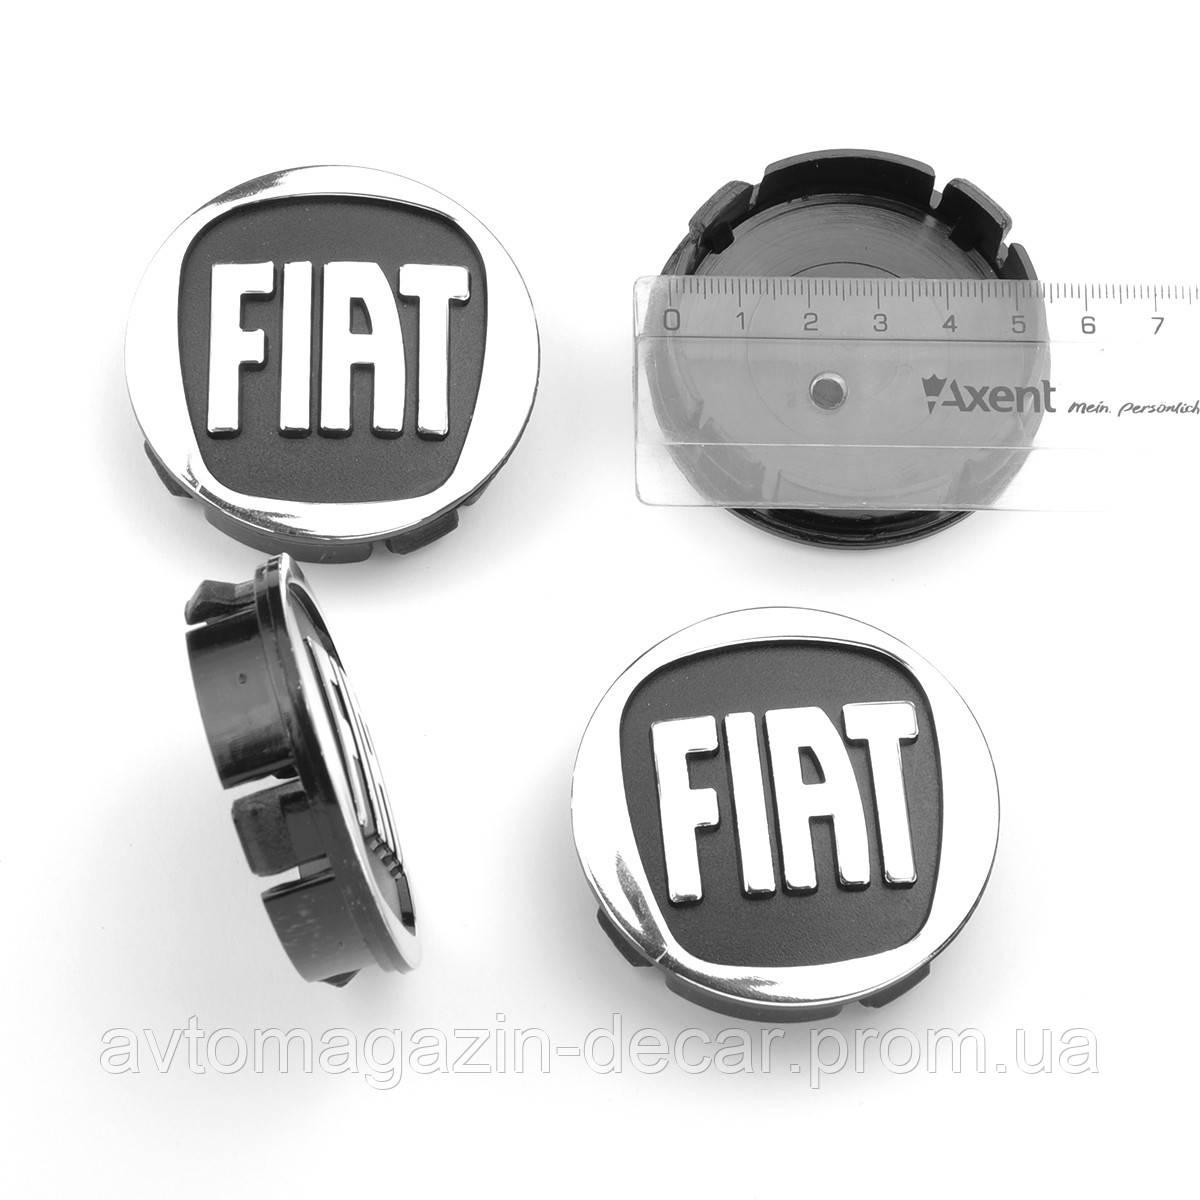 """Ковпачки на титани """"Fiat"""" (60/55мм) чорний/хром. пластик об'ємний логотип (4шт)"""